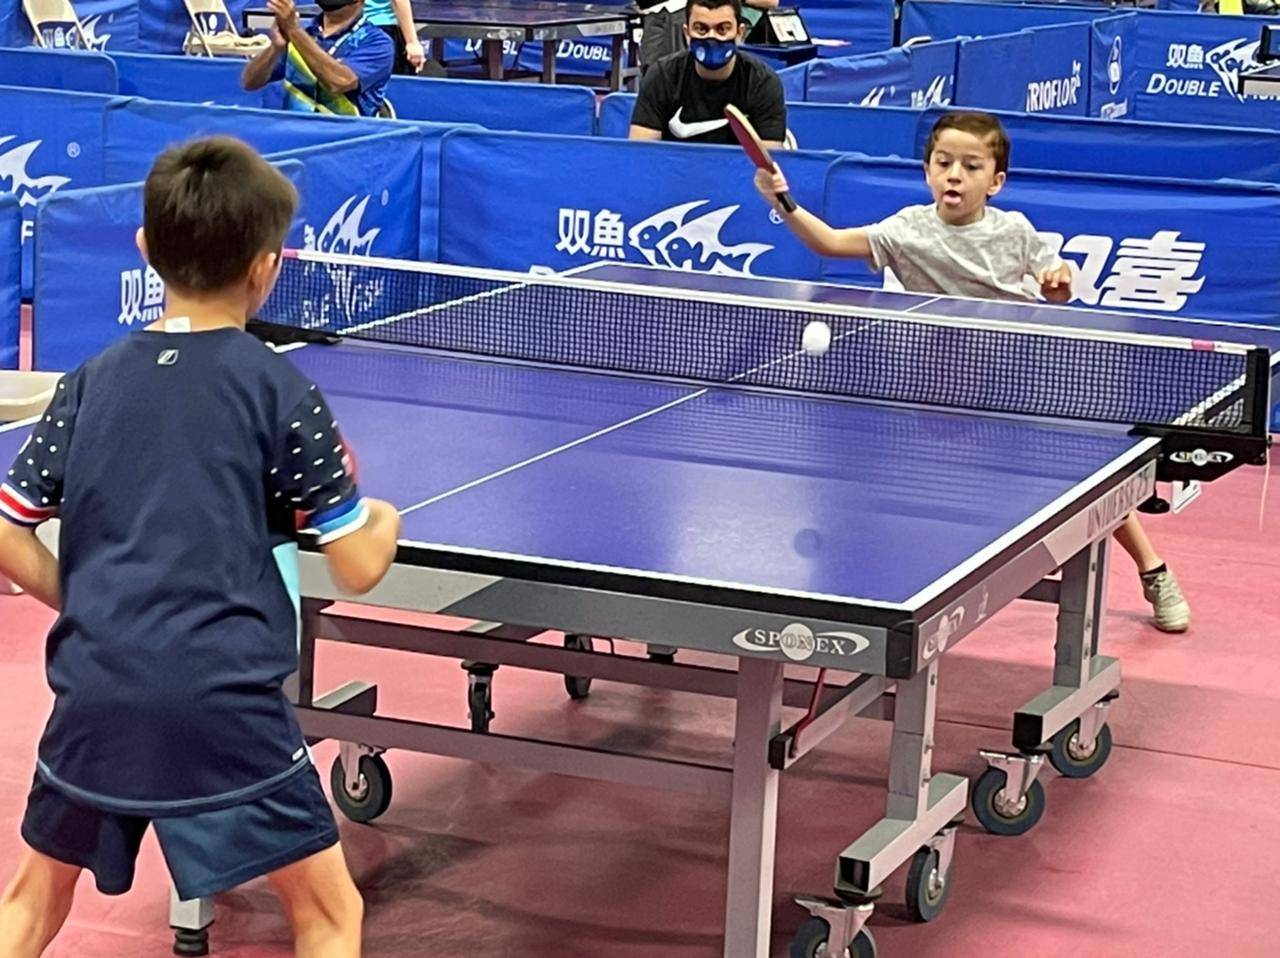 La Sala volvió a brillar con el reinicio de competencias en el tenis de mesa